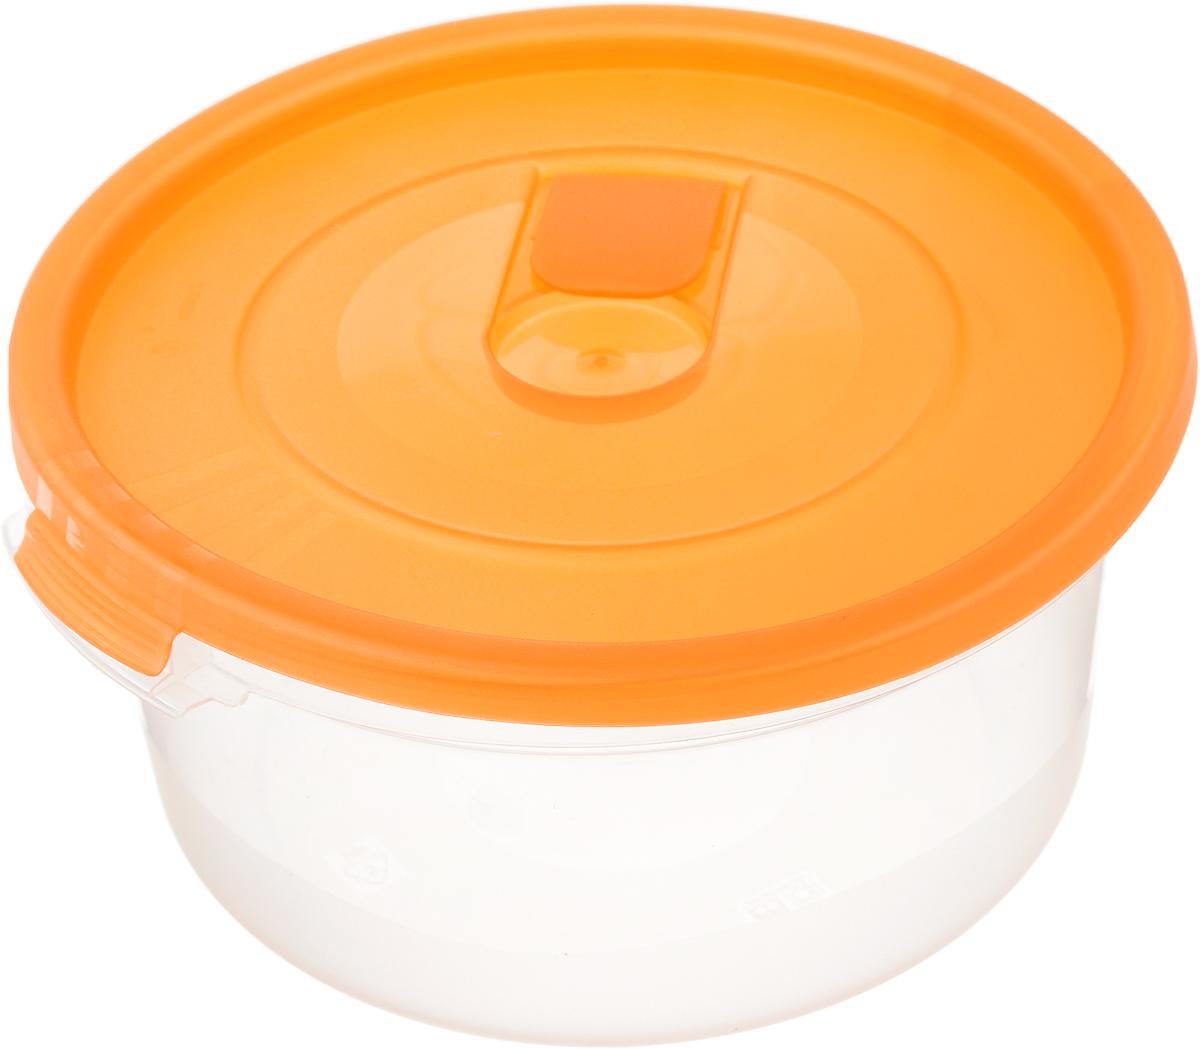 Контейнер Полимербыт Смайл, цвет: оранжевый, 800 мл21475Контейнер Полимербыт Смайл круглой формы, изготовленный из прочногопластика, специально предназначен для хранения пищевых продуктов. Контейнероснащен герметичной крышкой со специальным клапаном, благодаря которому внутри создаетсявакуум и продукты дольше сохраняют свежесть и аромат. Крышкалегко открывается и плотно закрывается.Стенки контейнера прозрачные -хорошо видно, что внутри.Контейнер устойчив к воздействию масел и жиров, легко моется. Контейнеримеет возможность хранения продуктов глубокой заморозки, обладает высокойпрочностью. Можно мыть в посудомоечной машине. Подходит дляиспользования в микроволновых печах.Диаметр: 15 см.Высота (без крышки): 7 см.